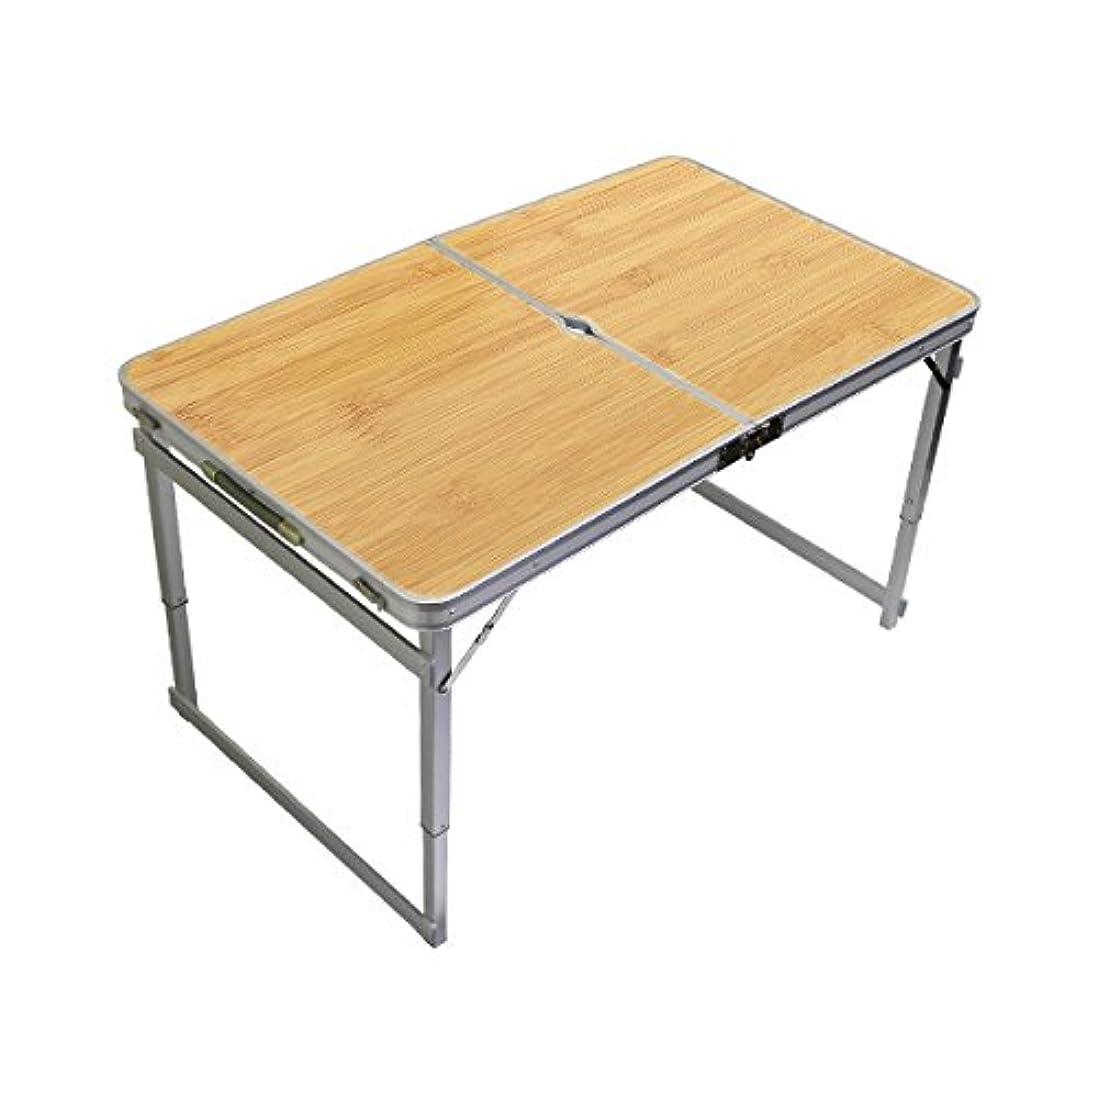 後世東ティモールトロリーバスMERMONT アウトドア テーブル 折りたたみ テーブル レジャーテーブル ピクニックテーブル アウトドアテーブル キャンプ フェス 運動会 に (幅120cm)